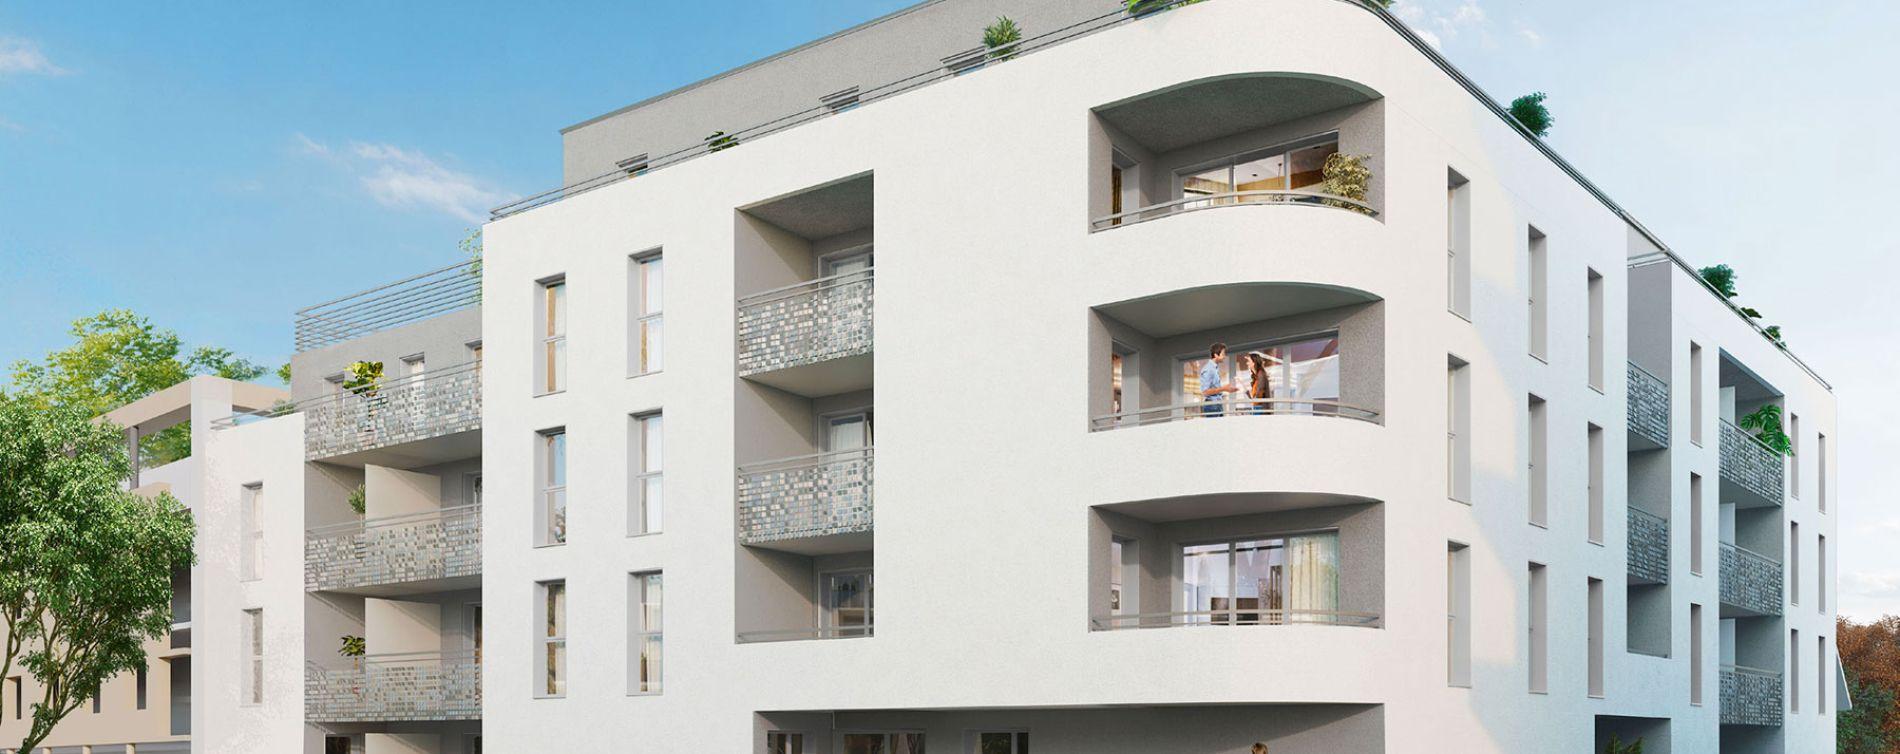 Résidence Carré Marceau à Toulon